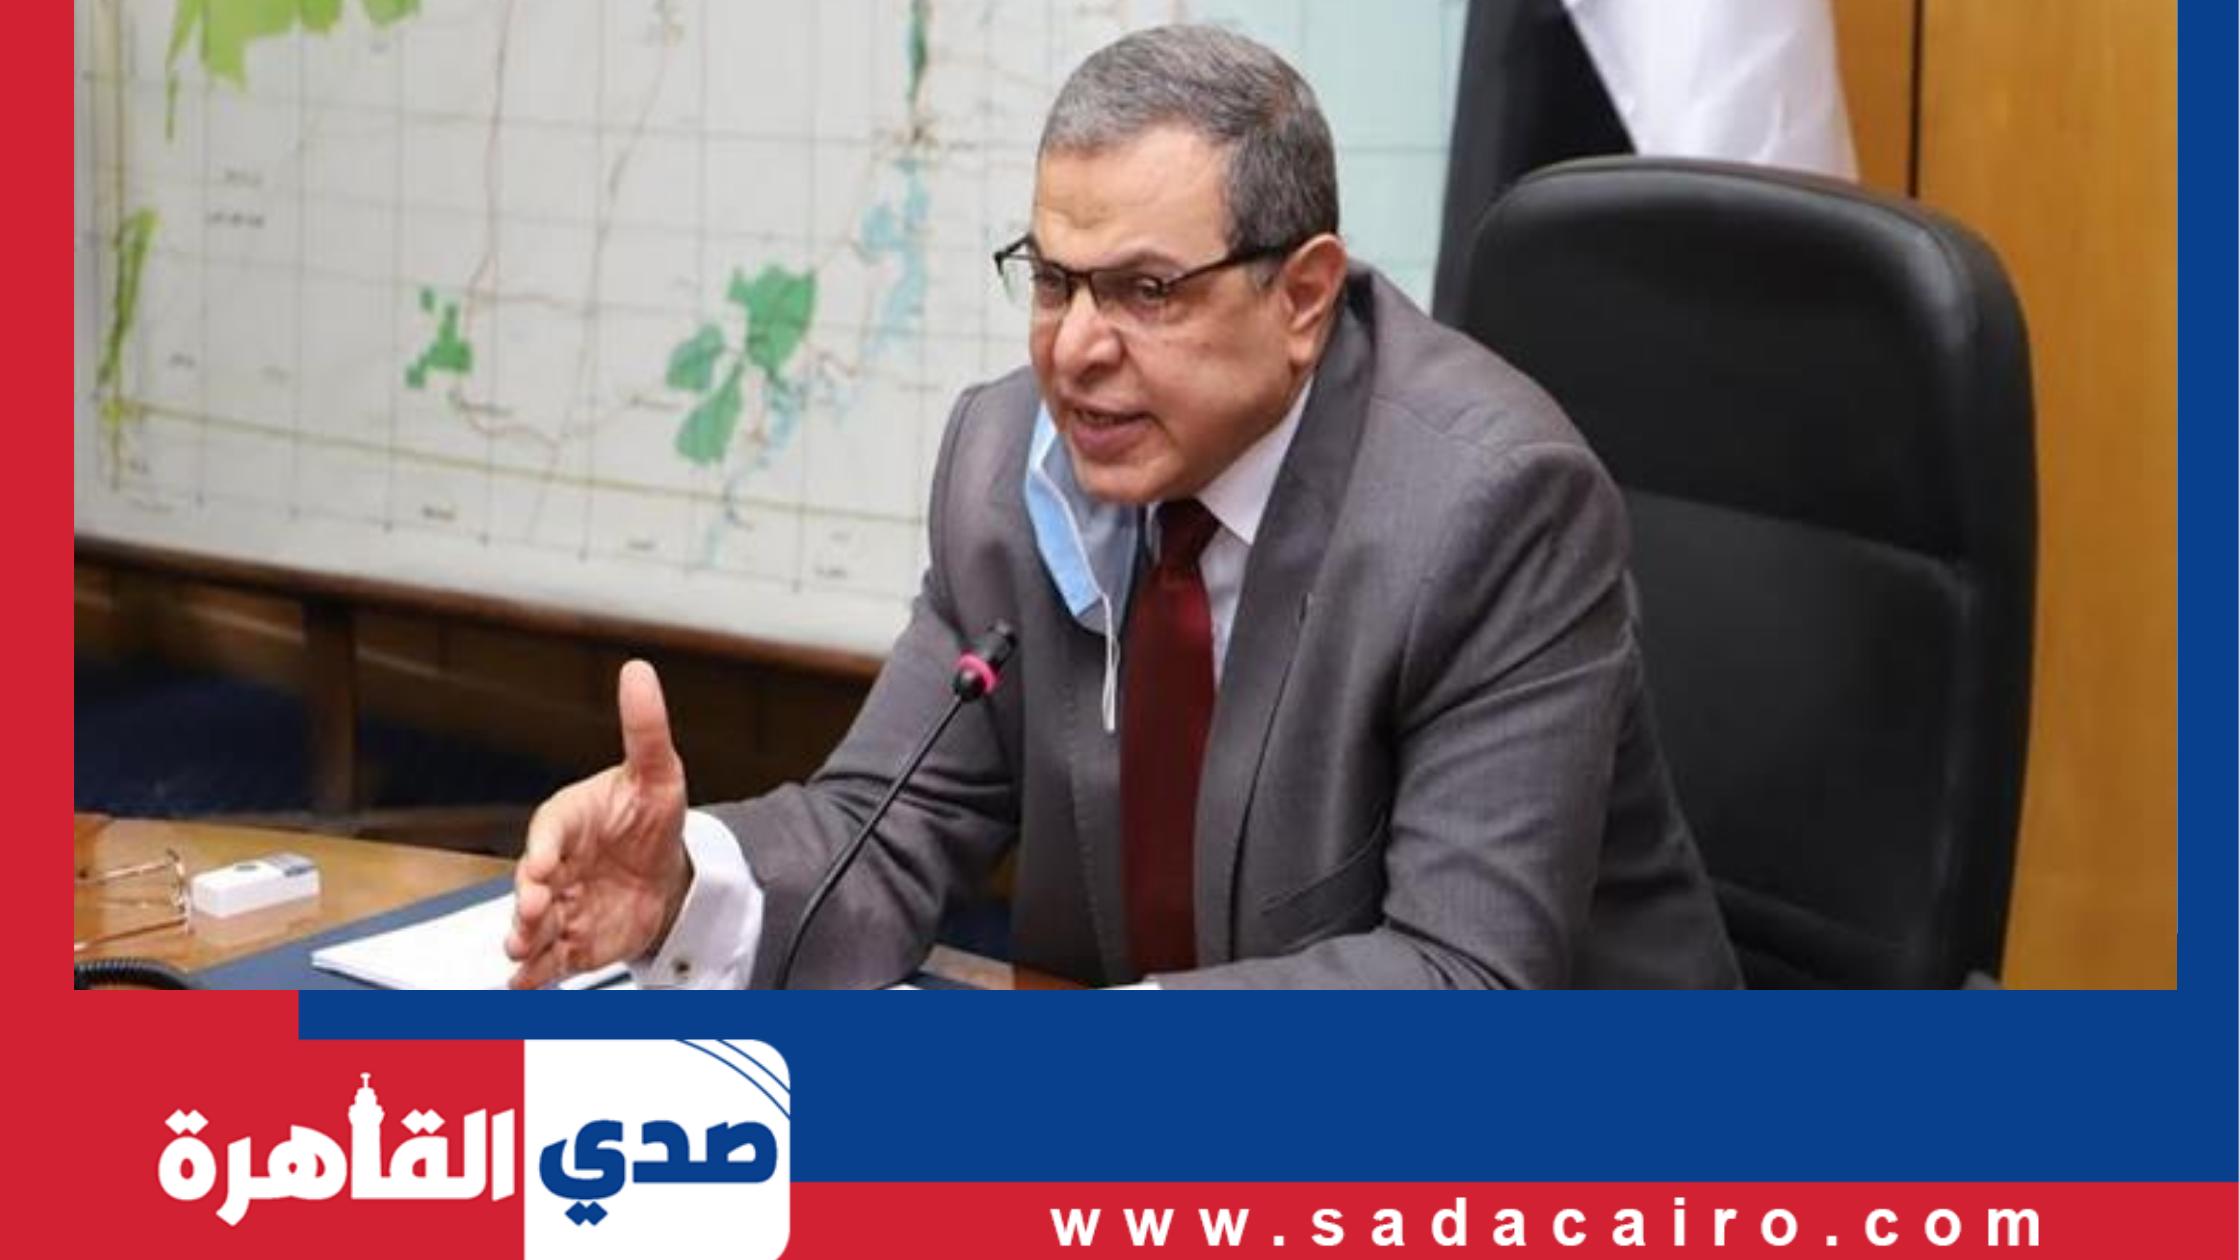 قرار من وزير القوى العاملة بشأن هدايا القادمين من السعودية